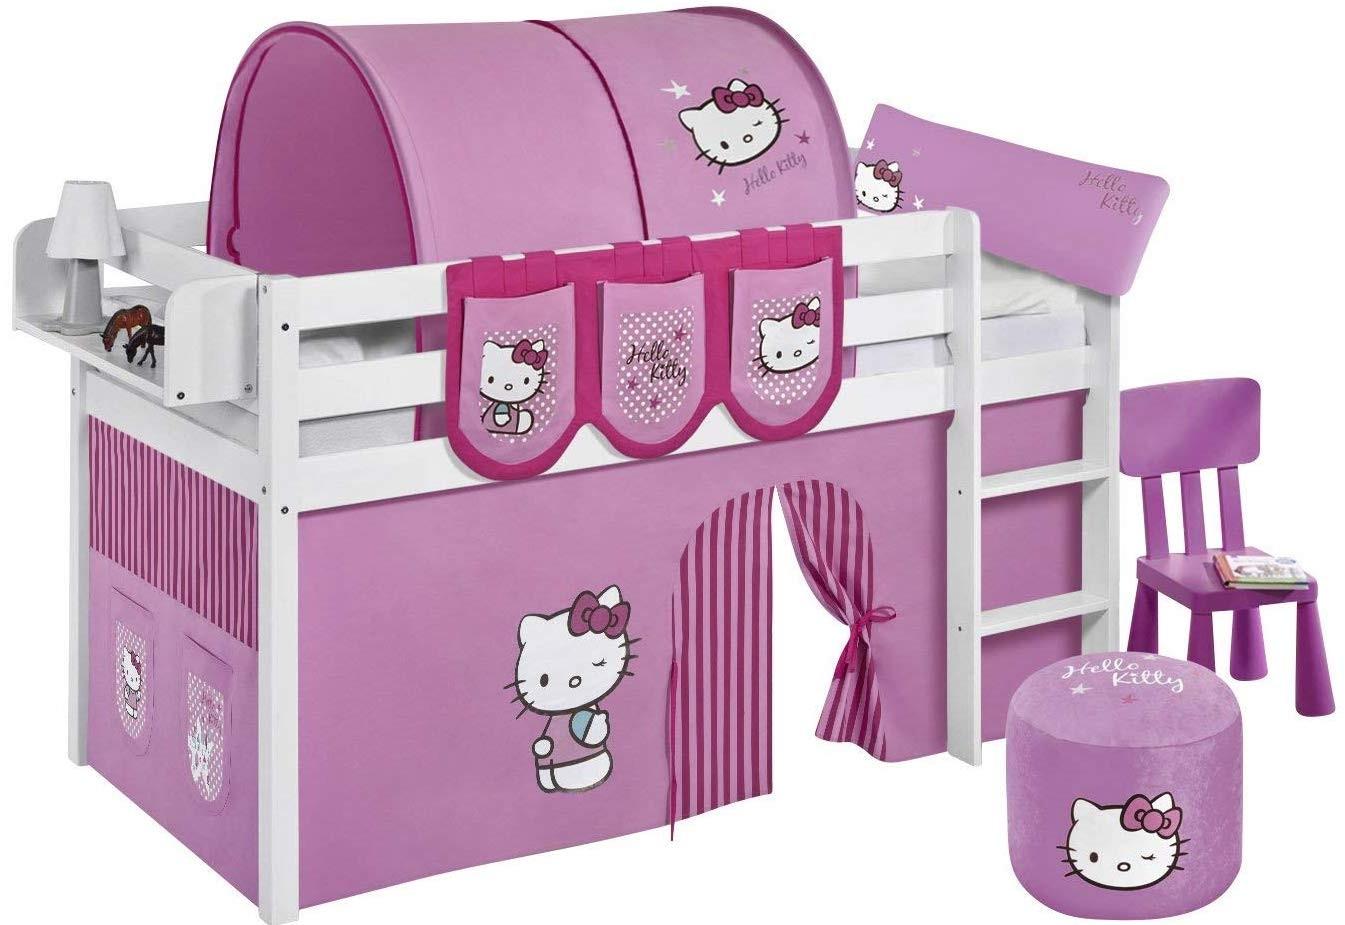 lit sur lev blanc laqu rideau hello kitty rose 90x190cm sommier sans sommier sans matelas. Black Bedroom Furniture Sets. Home Design Ideas